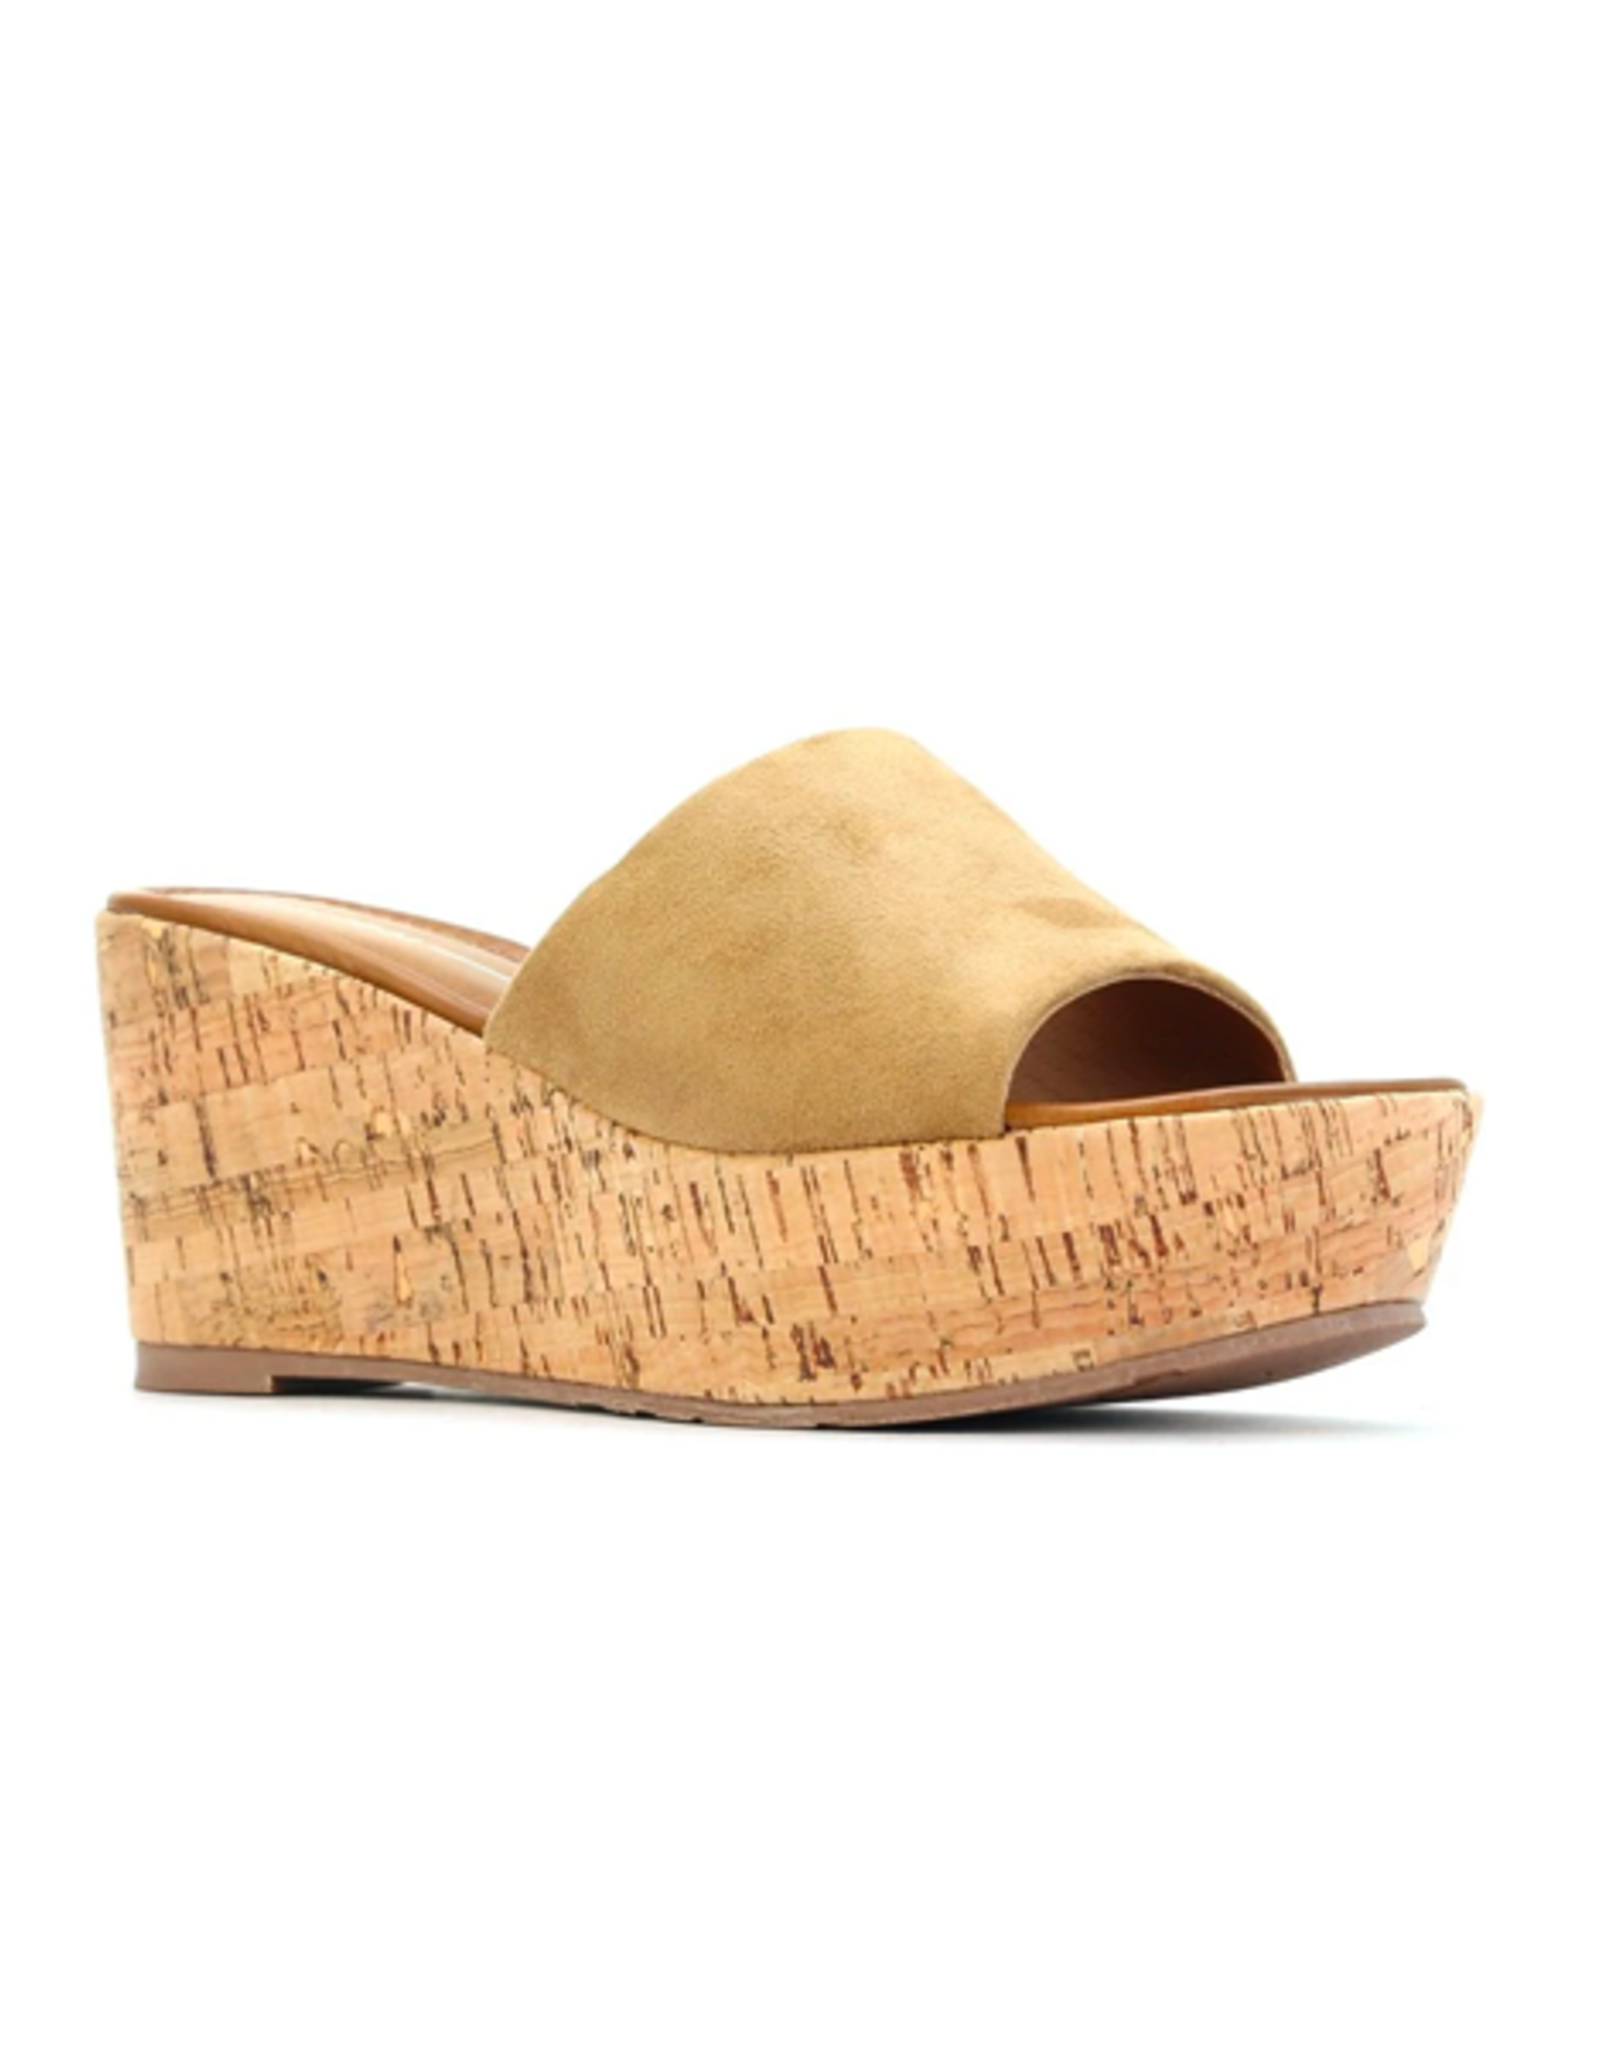 Los Cabos Pippa in Camel Suede